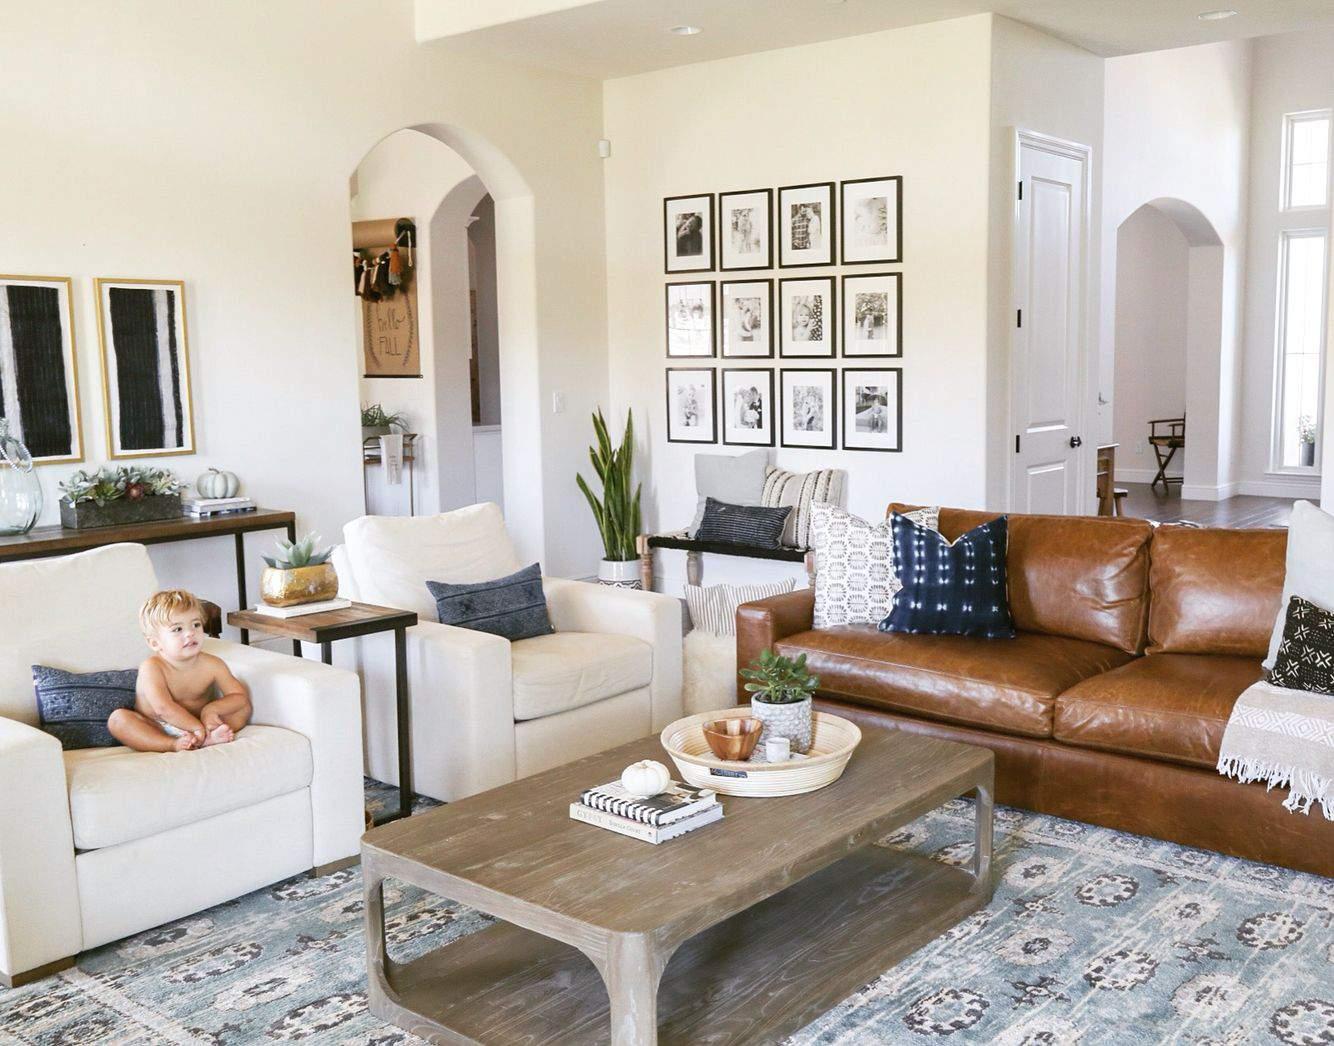 nội thất gỗ công nghiệp cho căn hộ chung cư